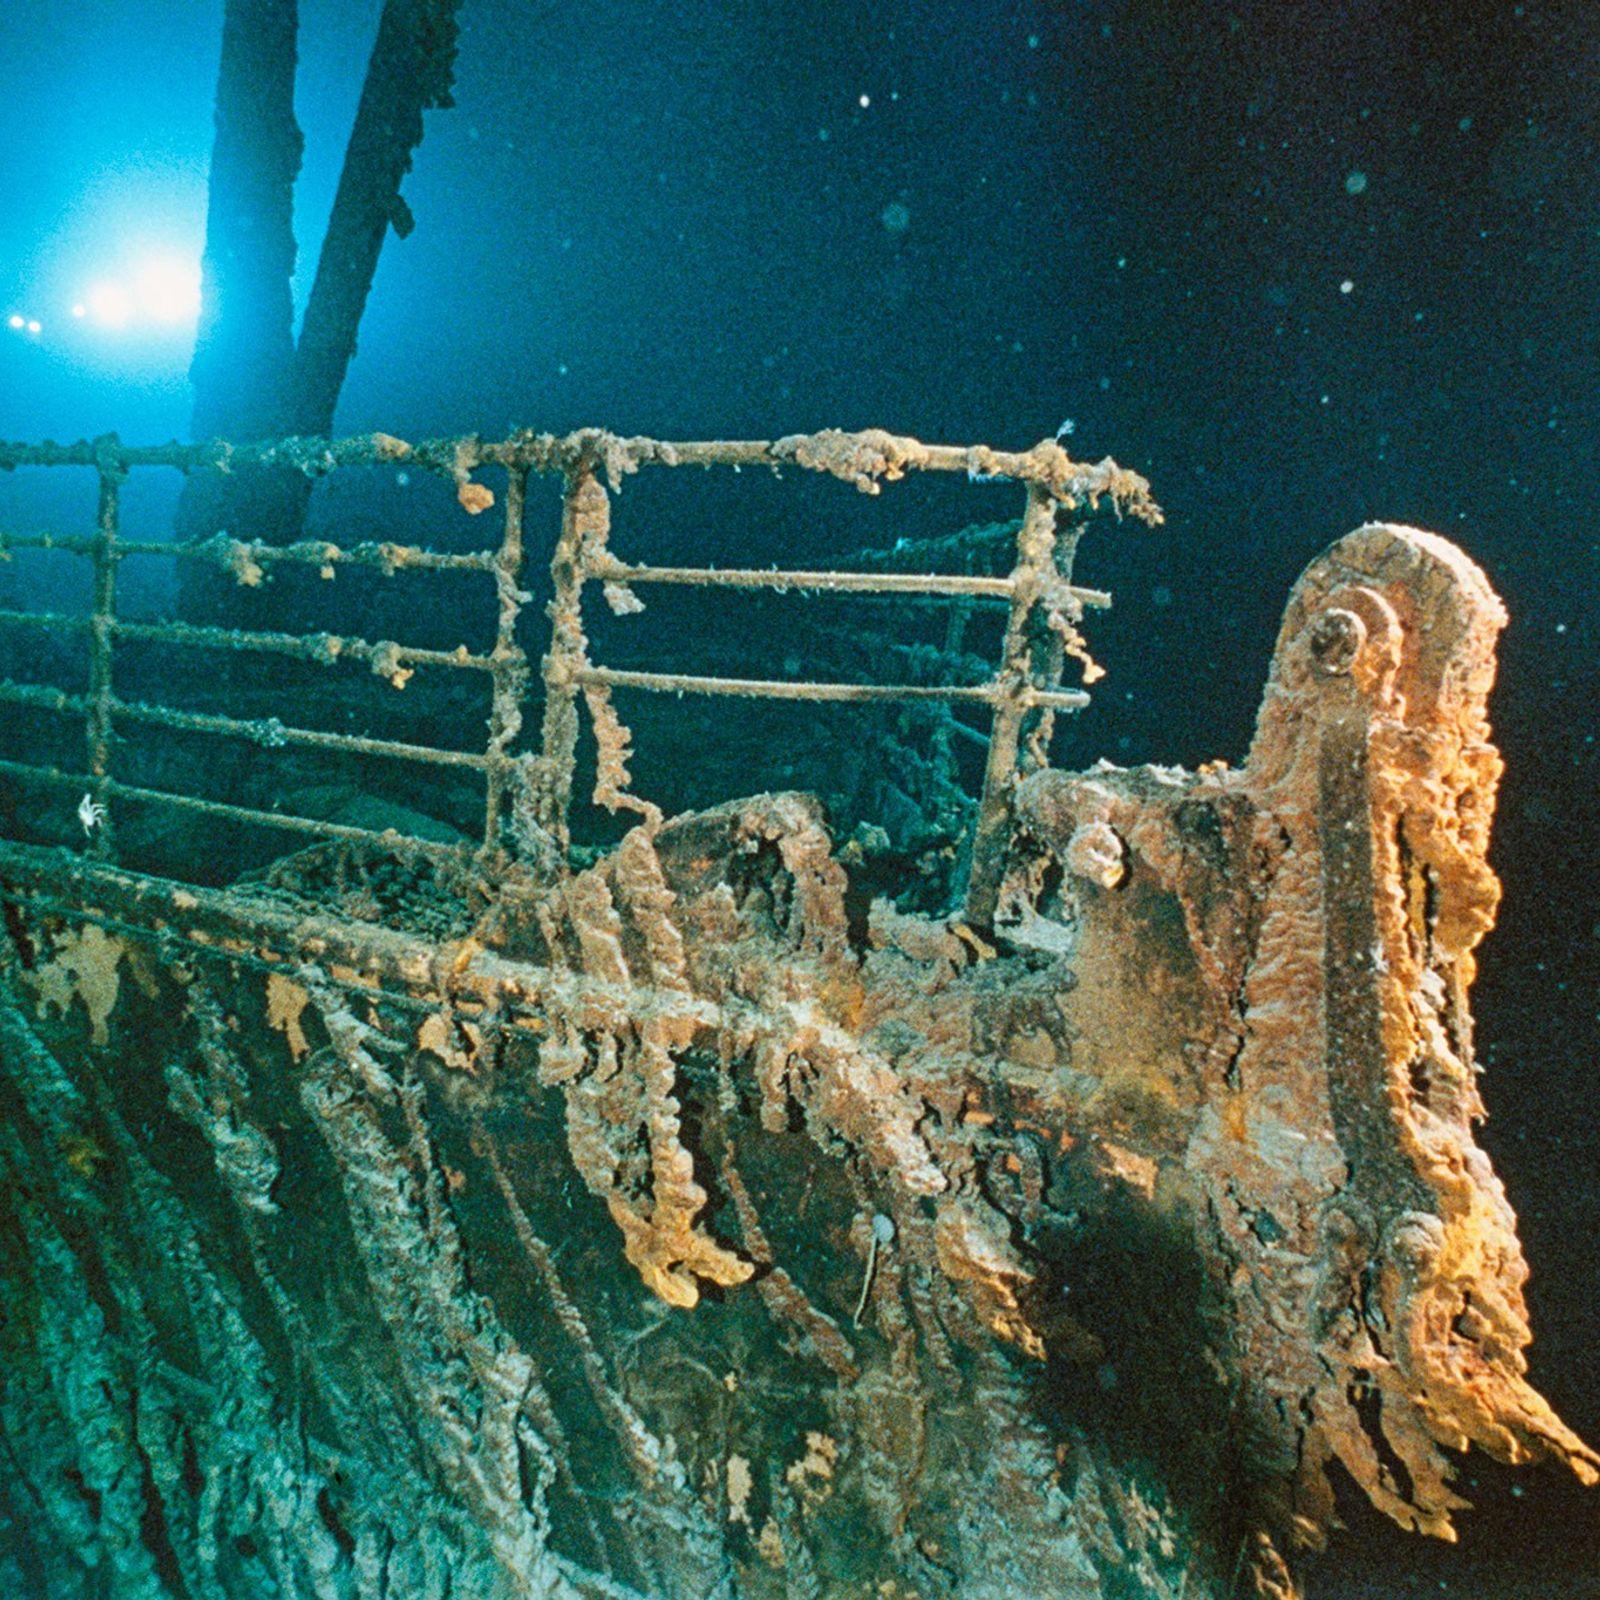 As luzes de um submersível dão um brilho fantasmagórico à proa enferrujada do RMS Titanic. O ...